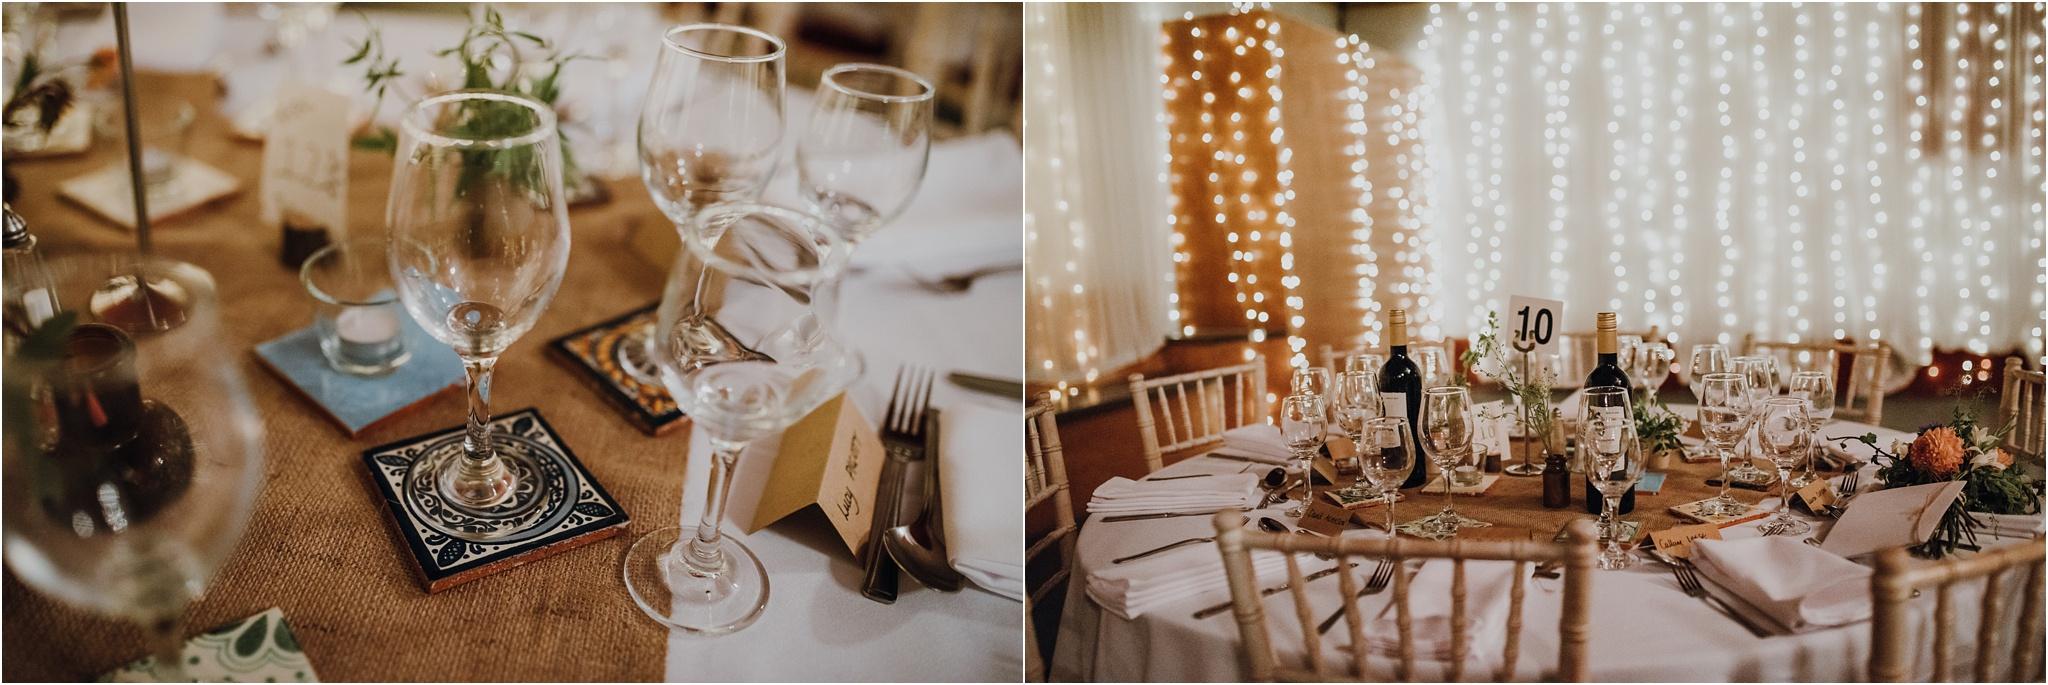 Edinburgh-barn-wedding-photographer_82.jpg